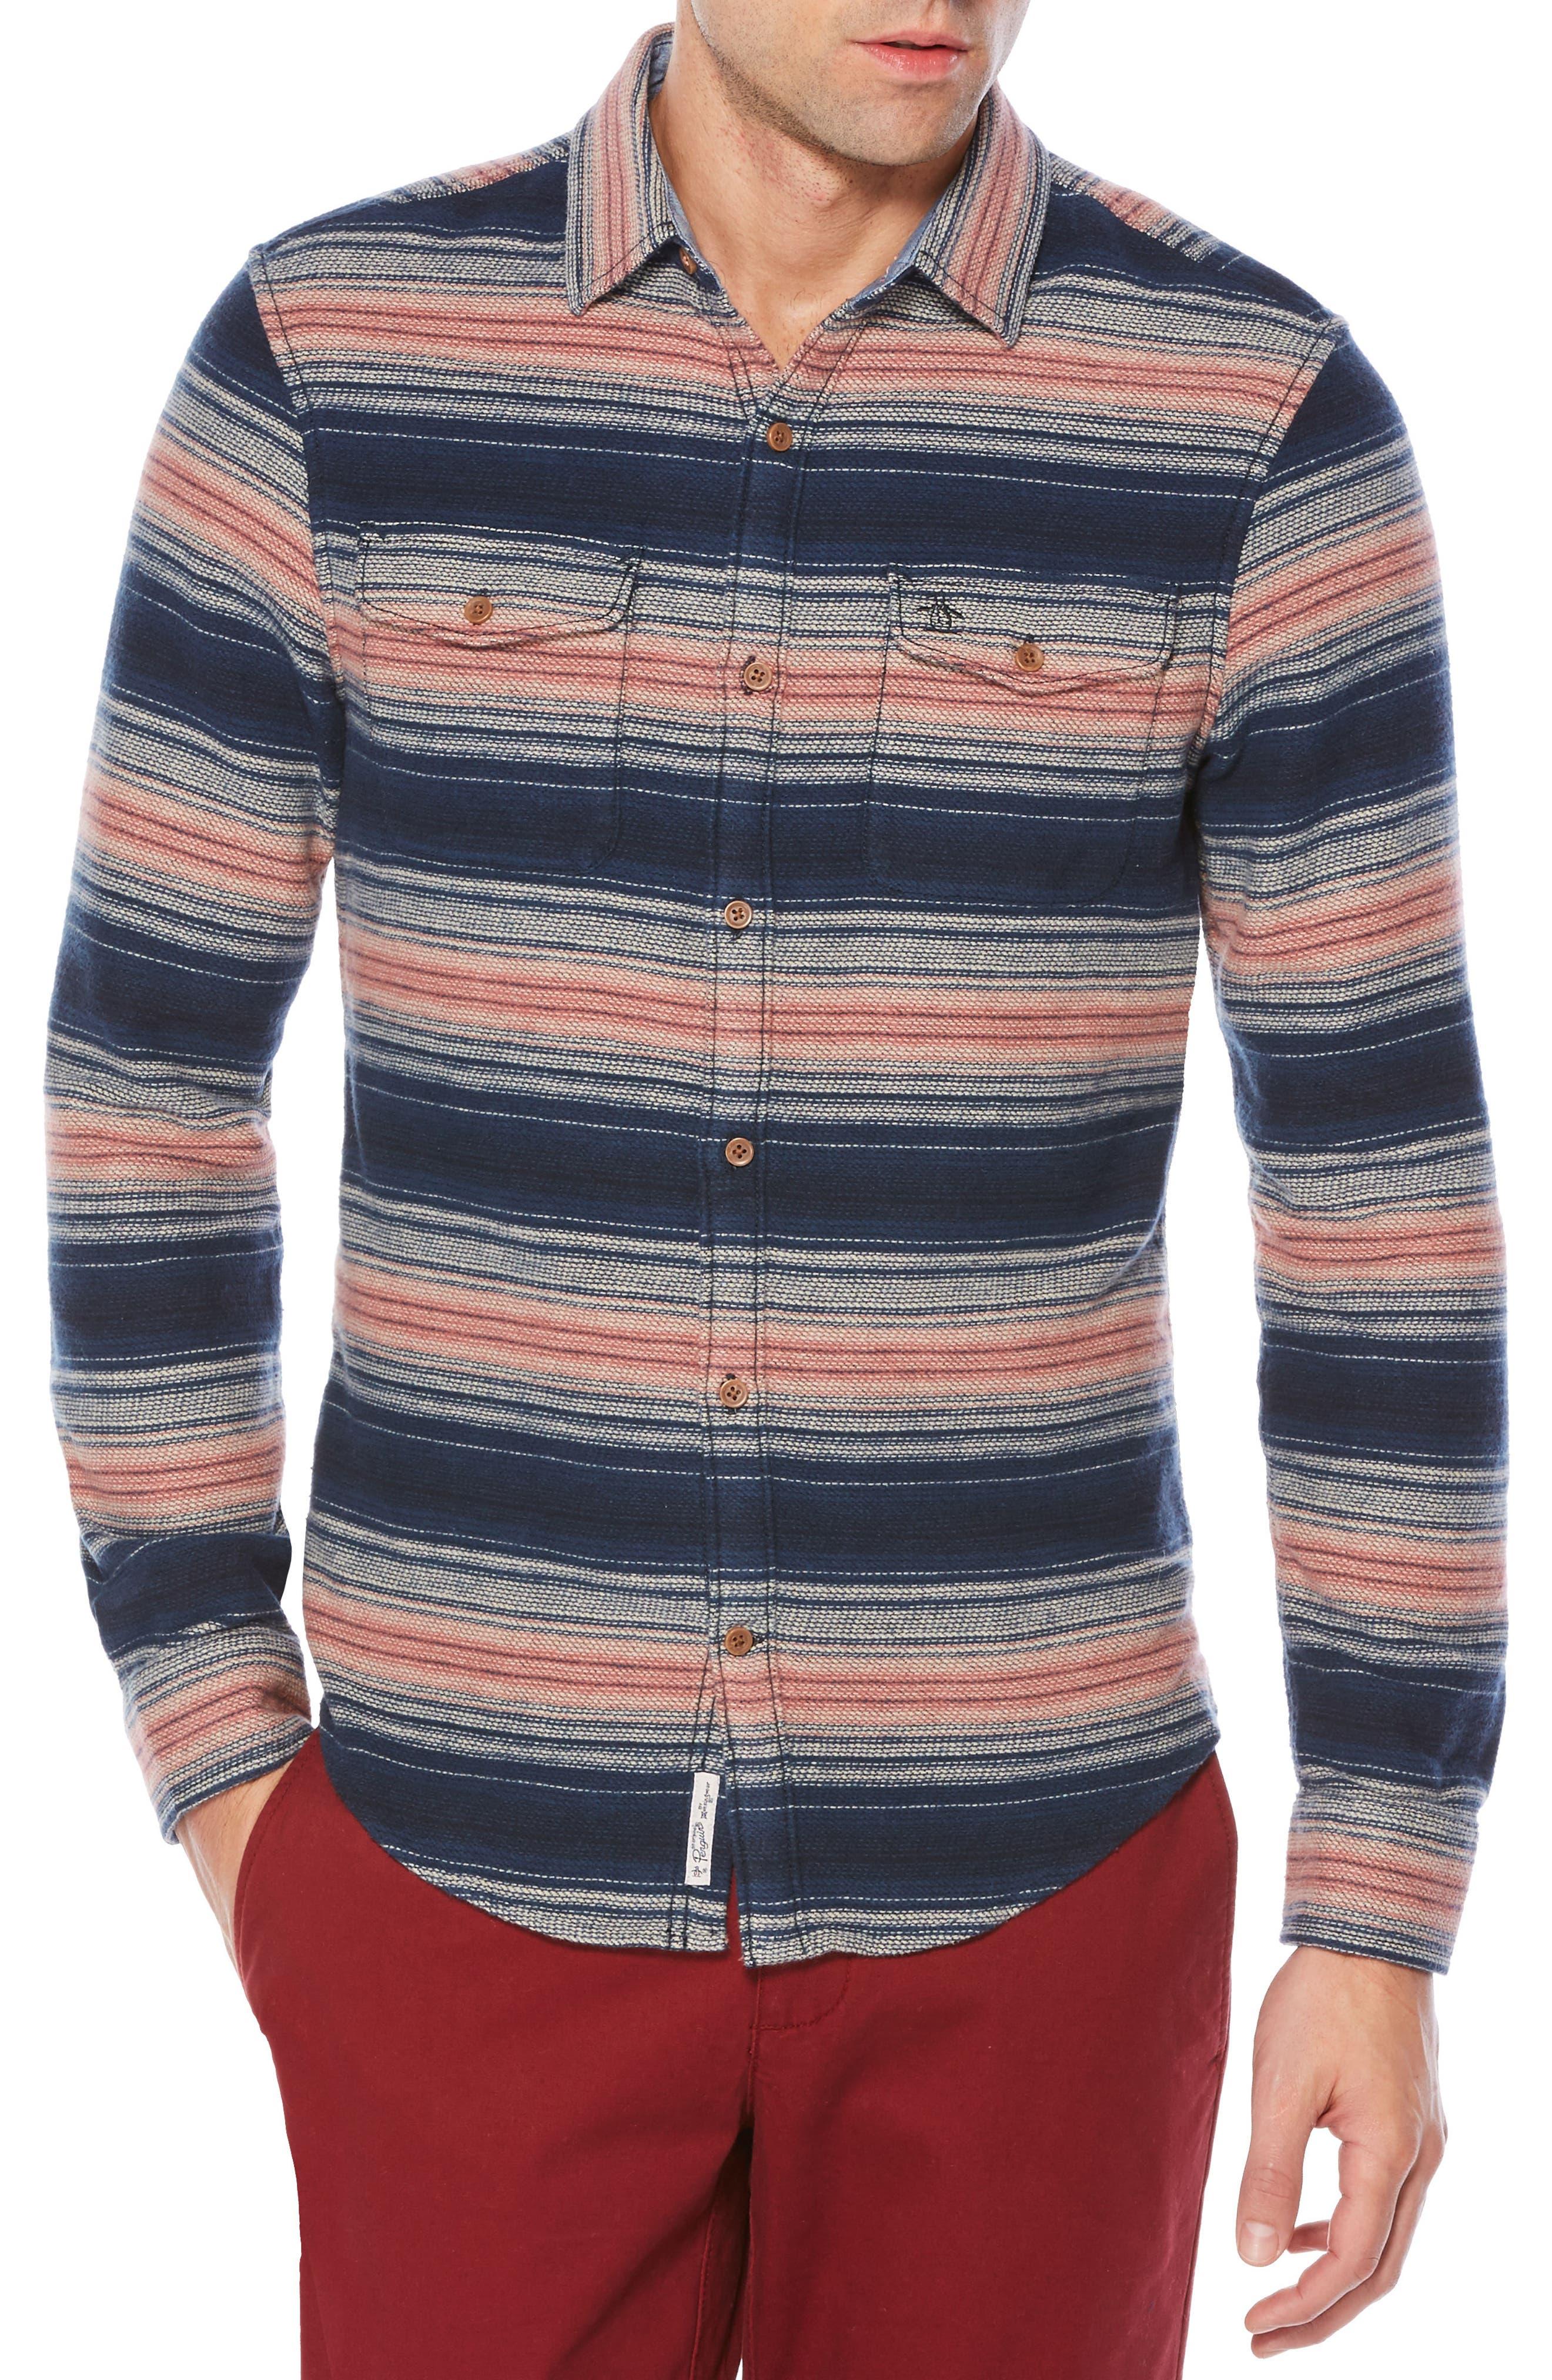 Alternate Image 1 Selected - Original Penguin Brushed Flannel Shirt